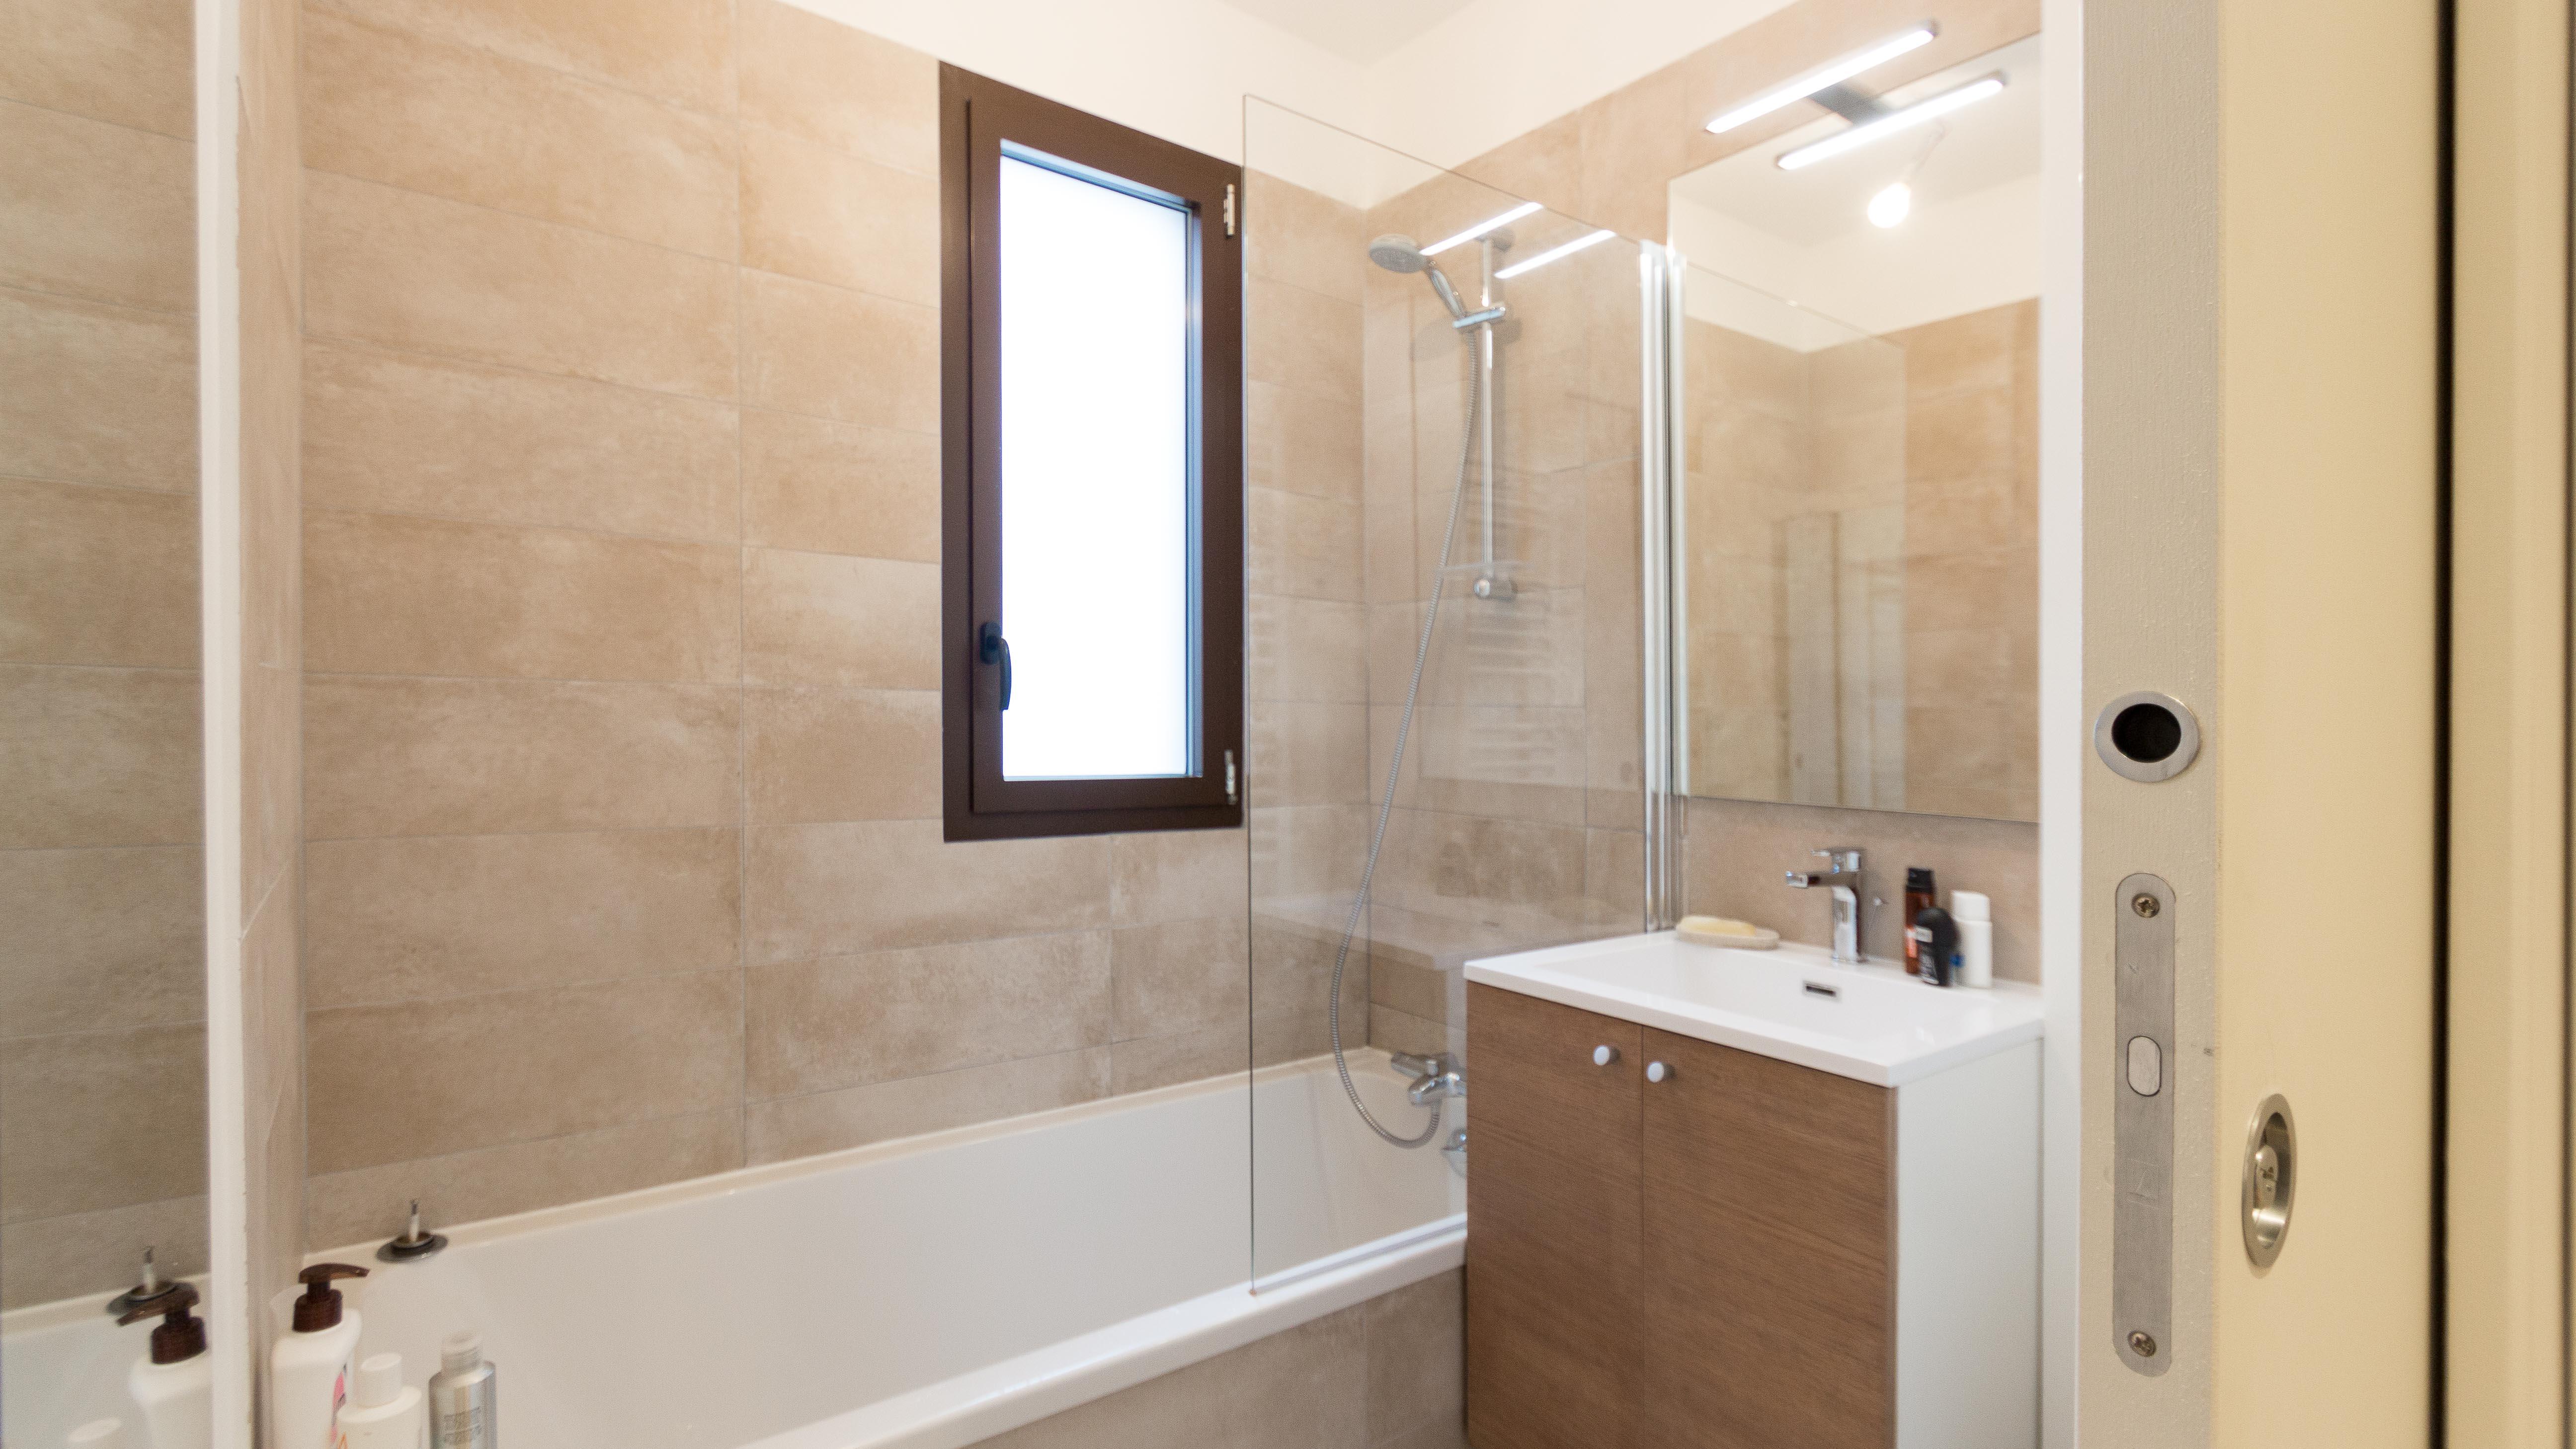 projet de création d'une salle de bain - réalisation ACTIBATI